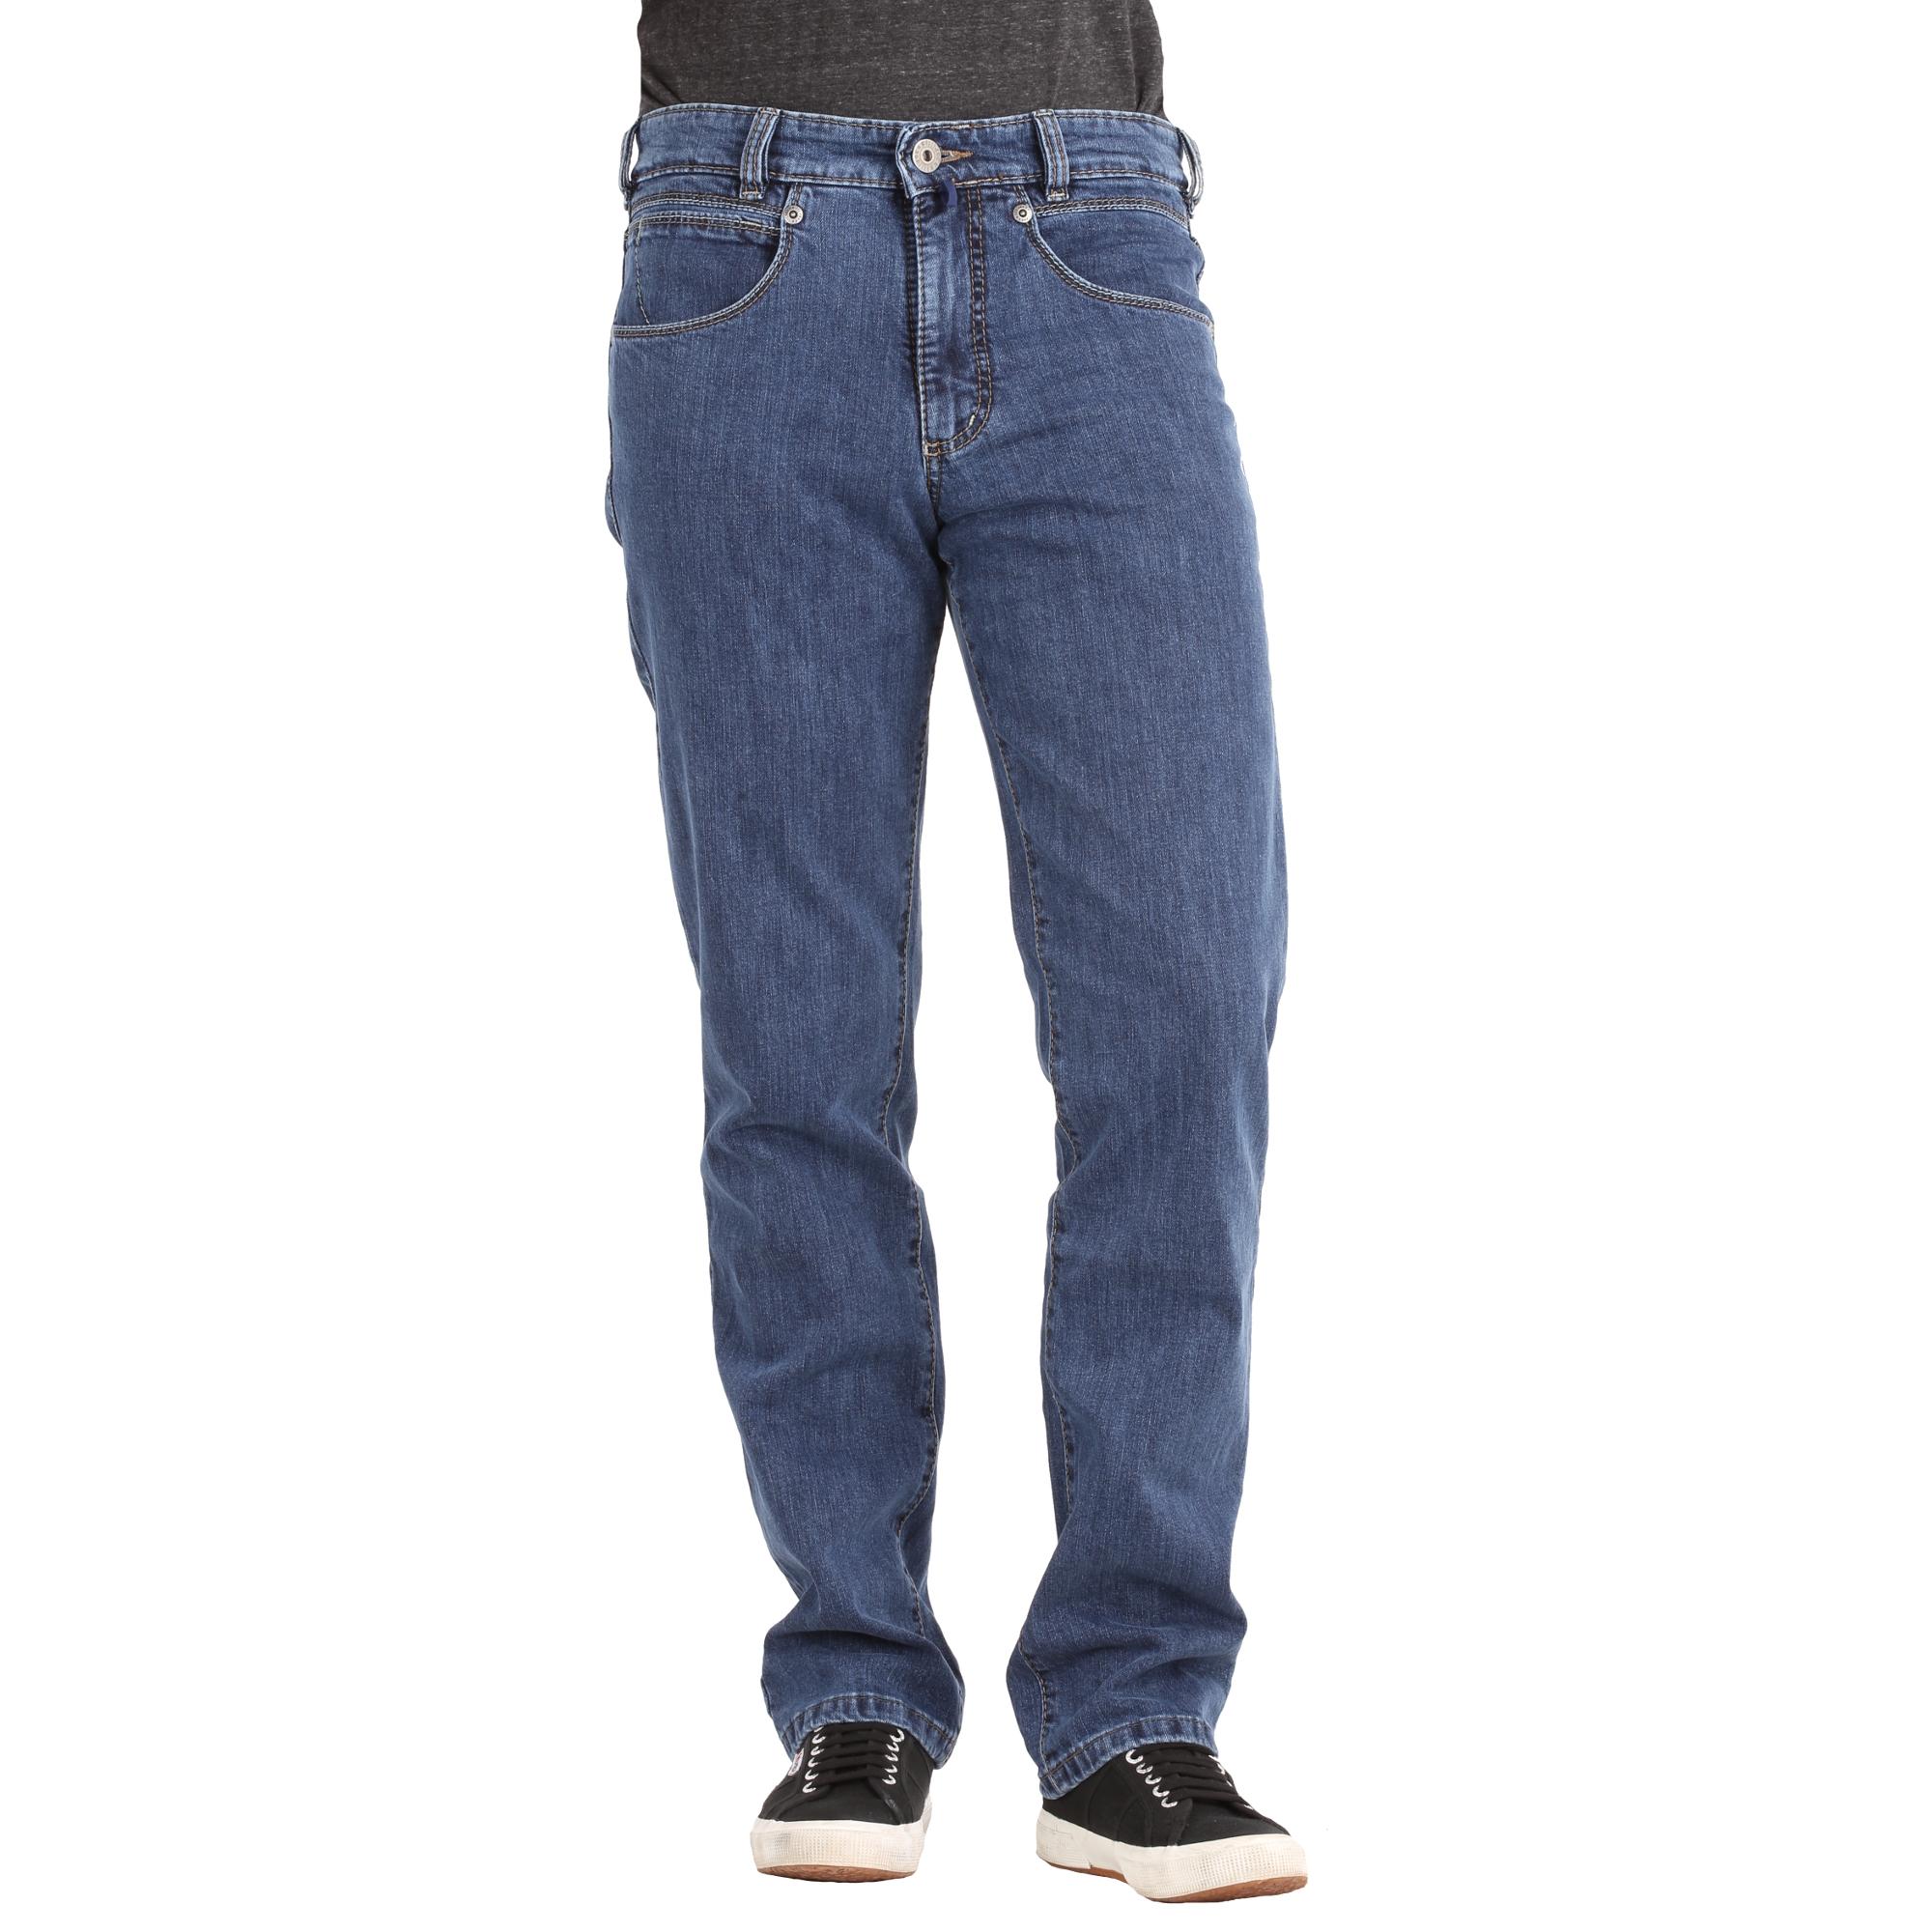 joker herren jeans freddy straight fit cash on delivery. Black Bedroom Furniture Sets. Home Design Ideas